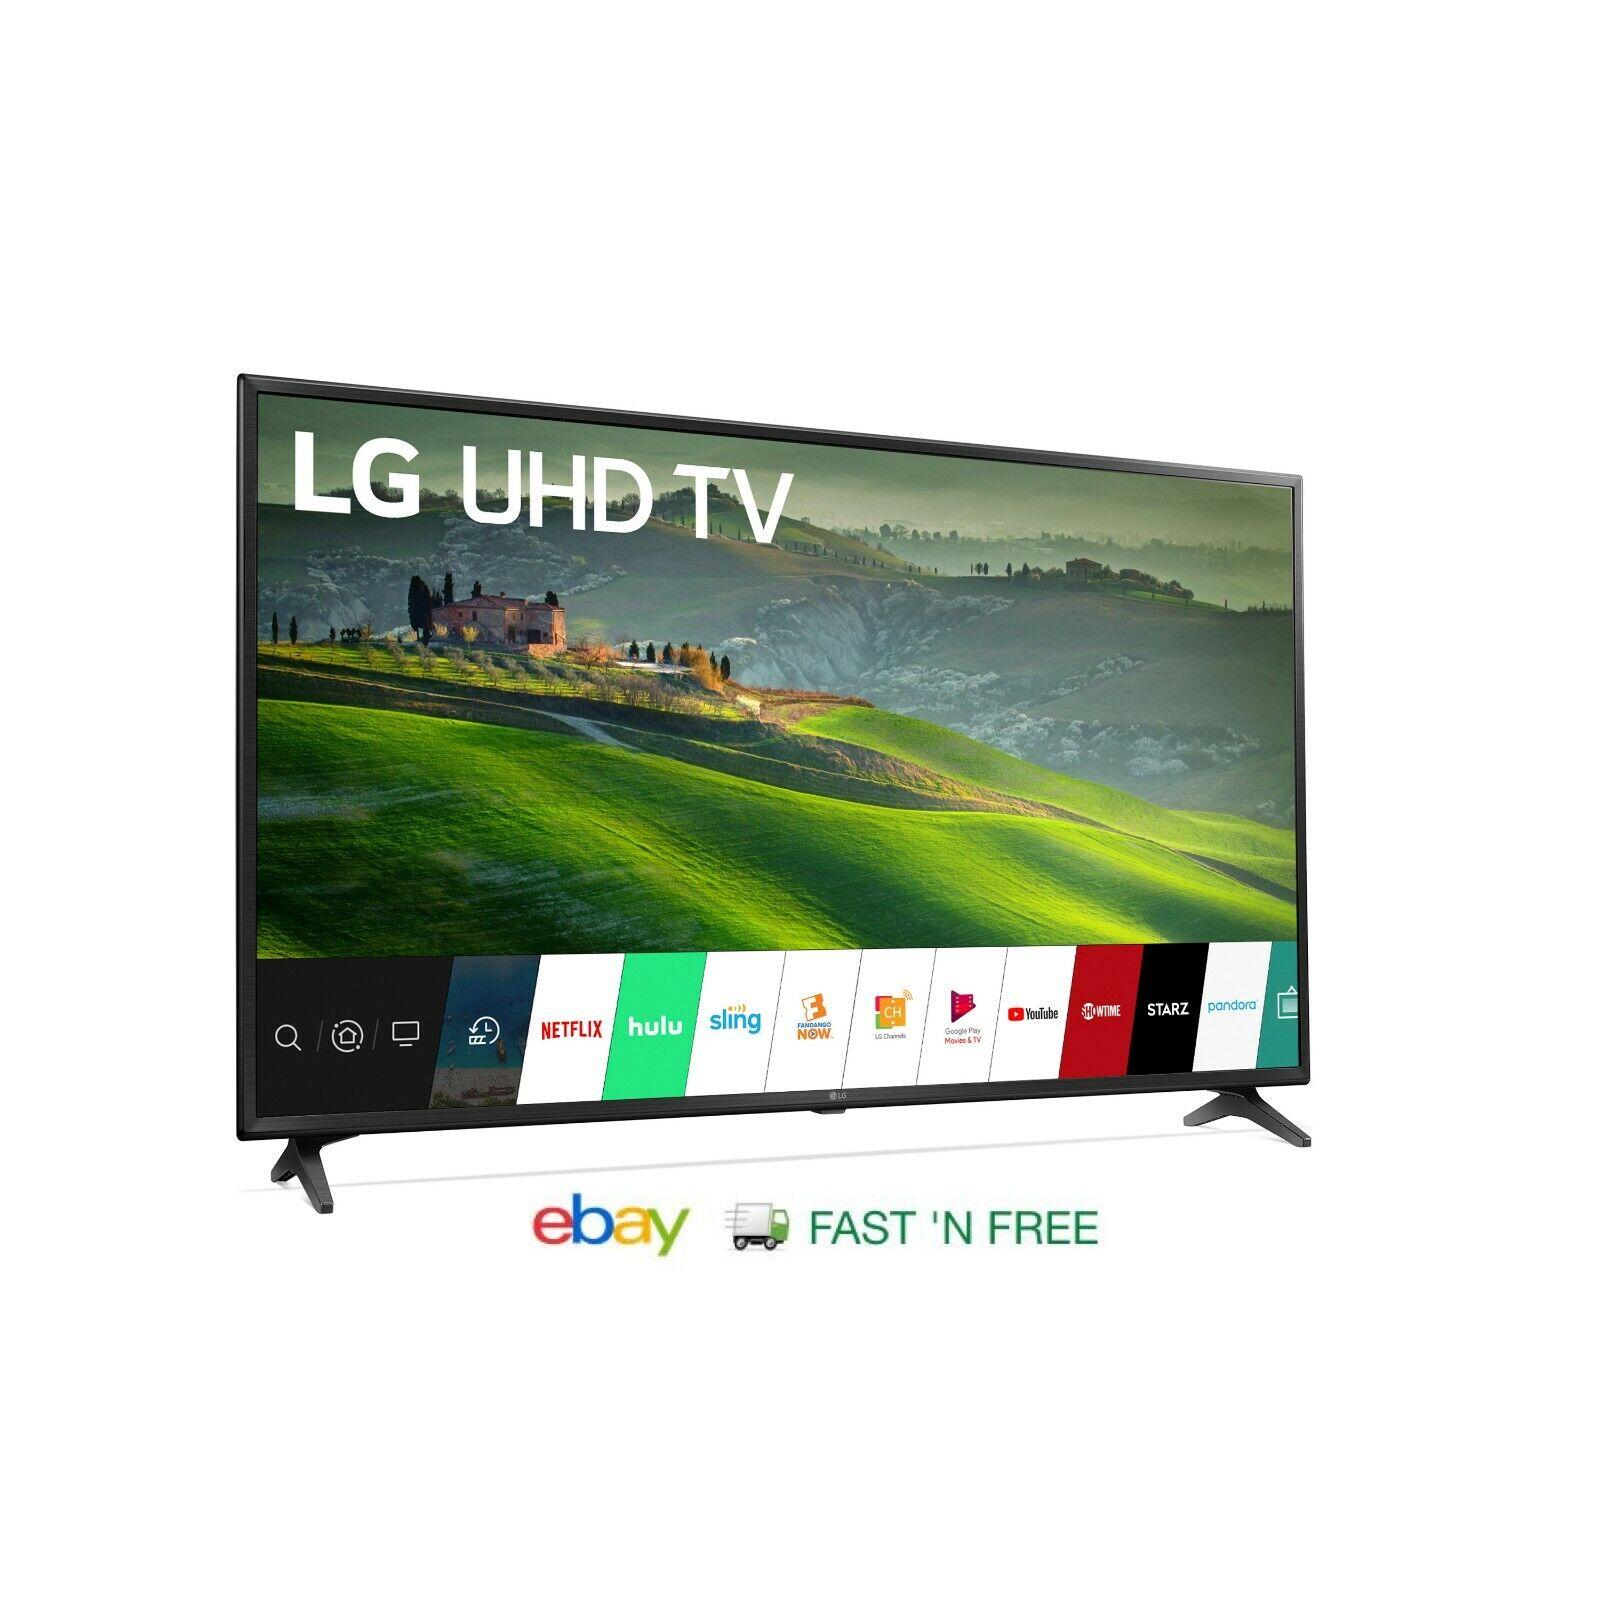 LG 43 Inch 4K (2160p) Class 6 Series LED Smart UHD TV HDR - 43UM6910PUA